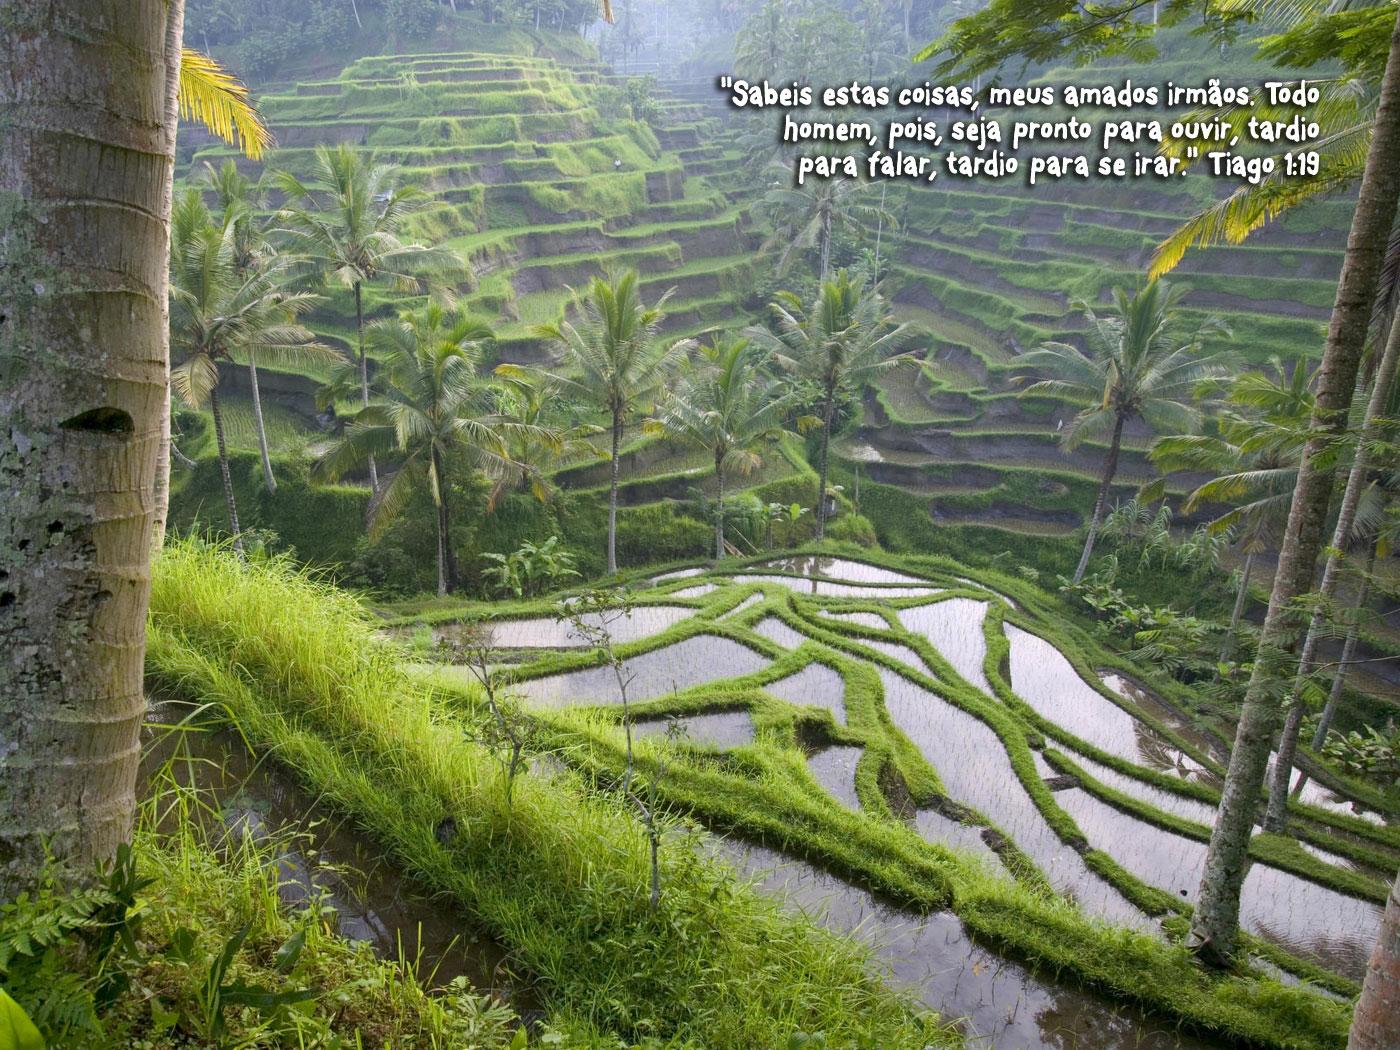 http://devocionaldiario.com.br/imagens/valley_babylon.jpg